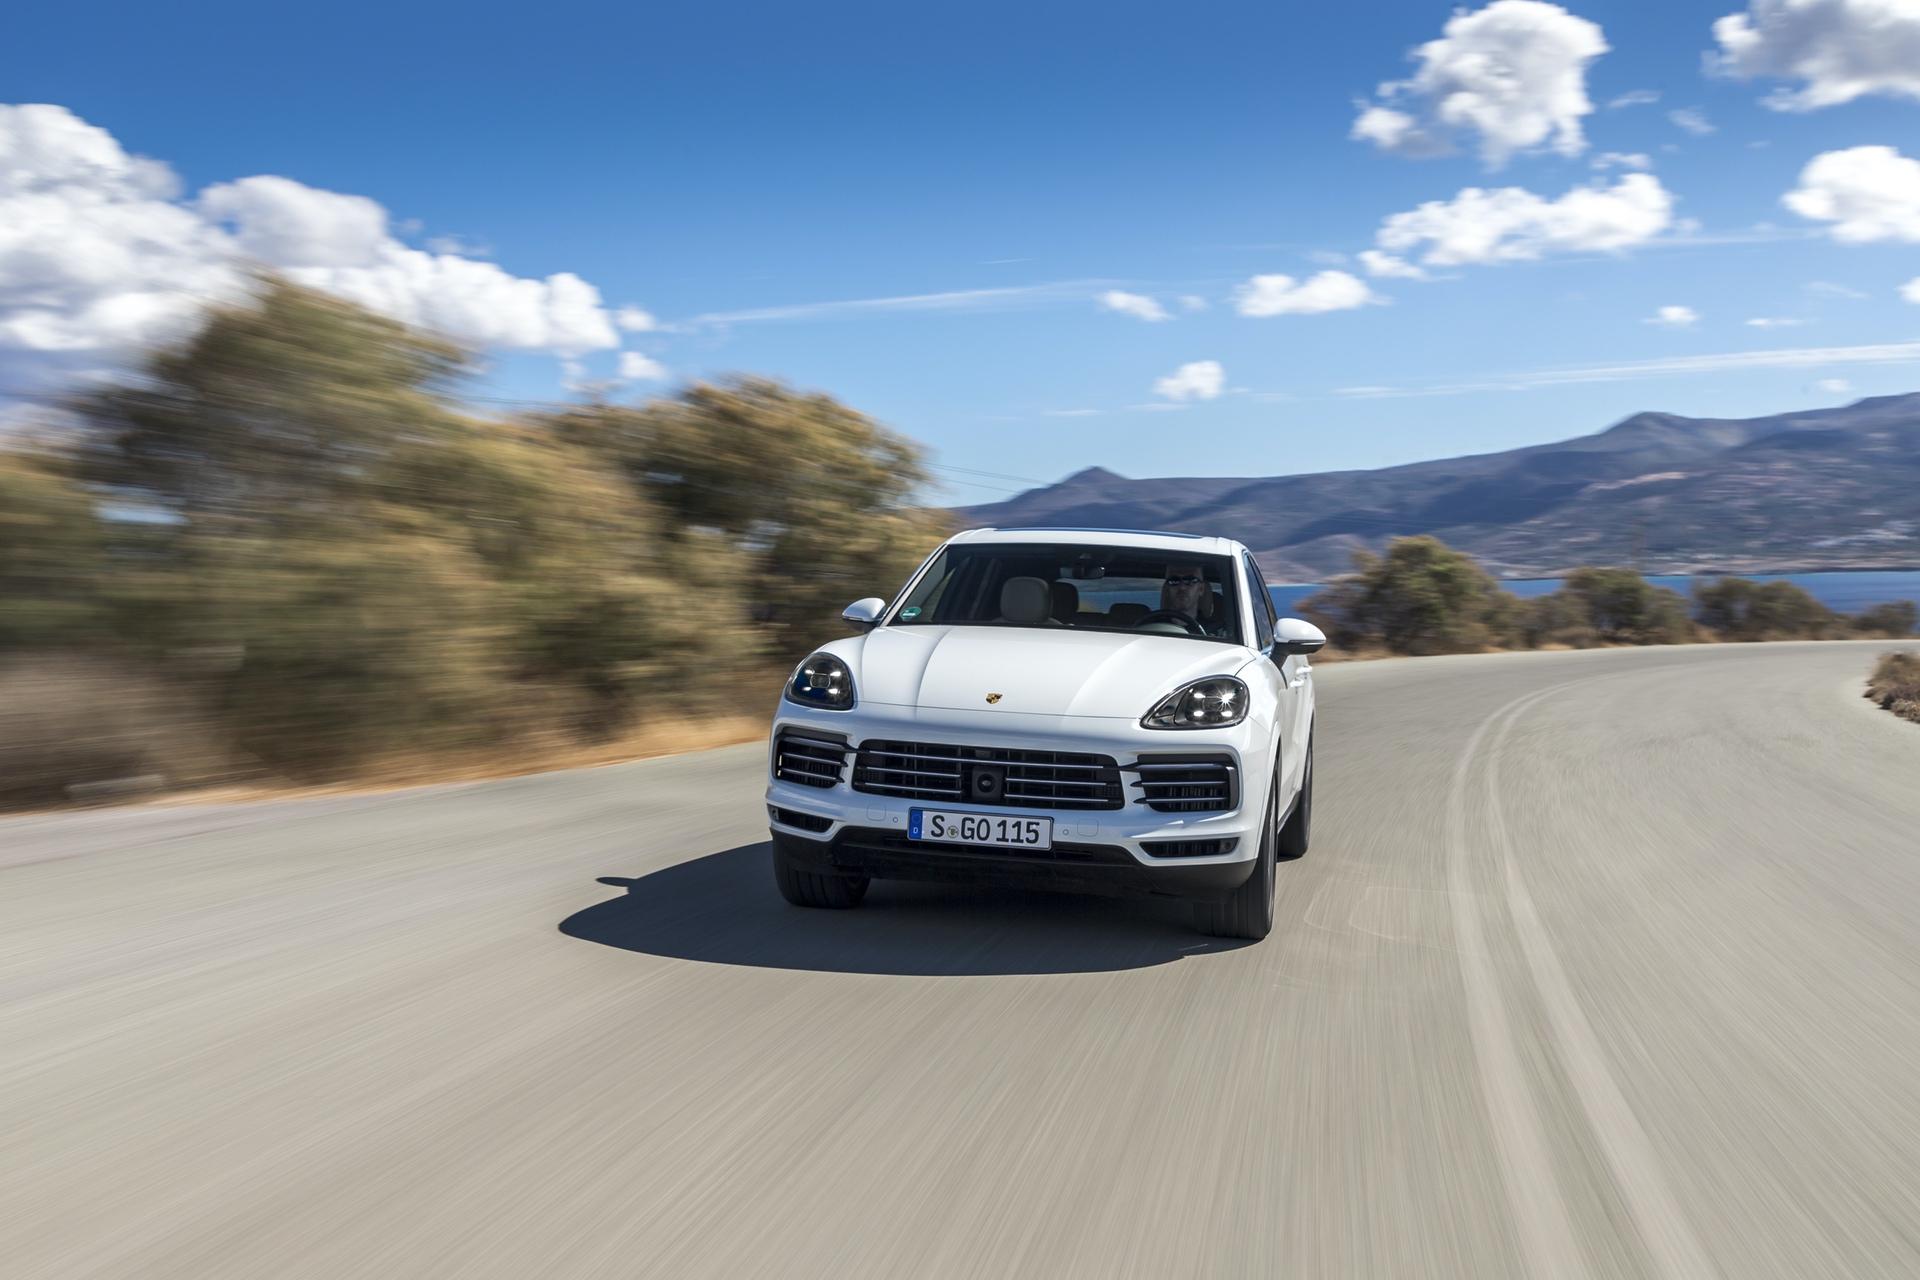 Test_Drive_Porsche_Cayenne_335